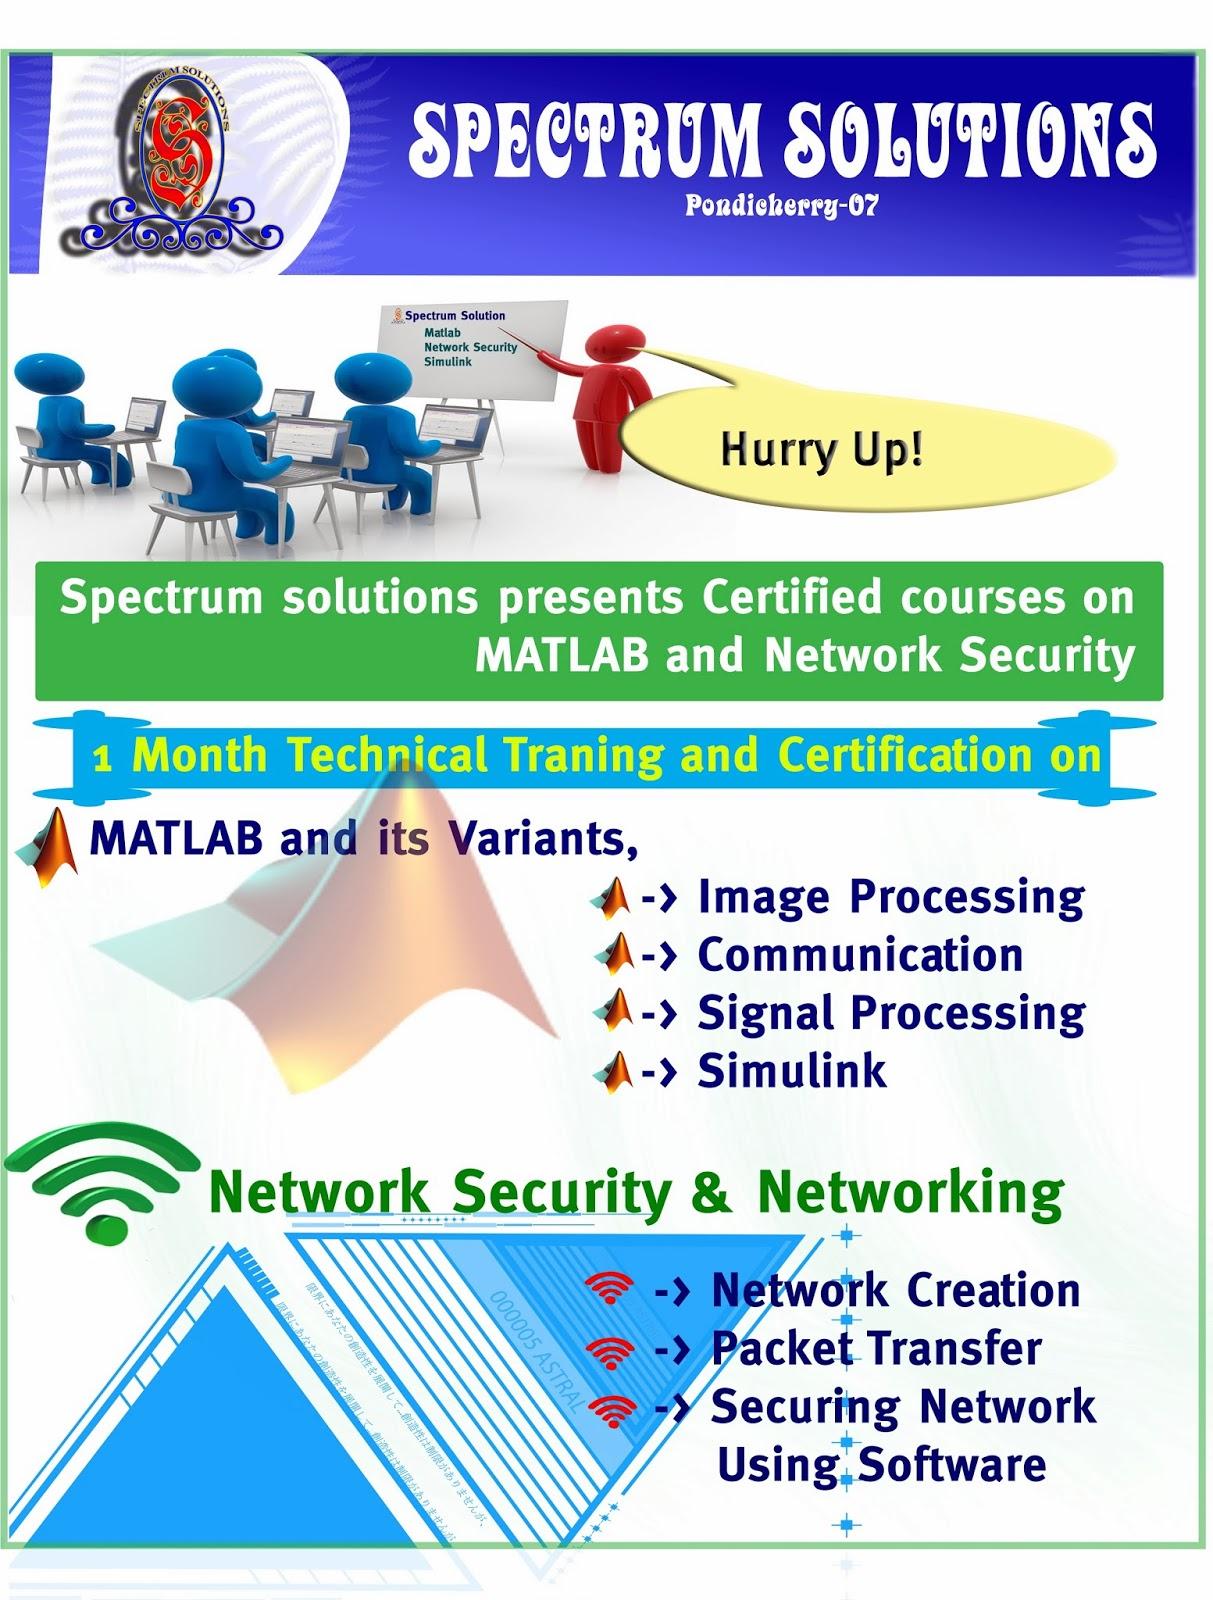 Spectrum Solutions Pondicherry City - MATLAB Course (Batch